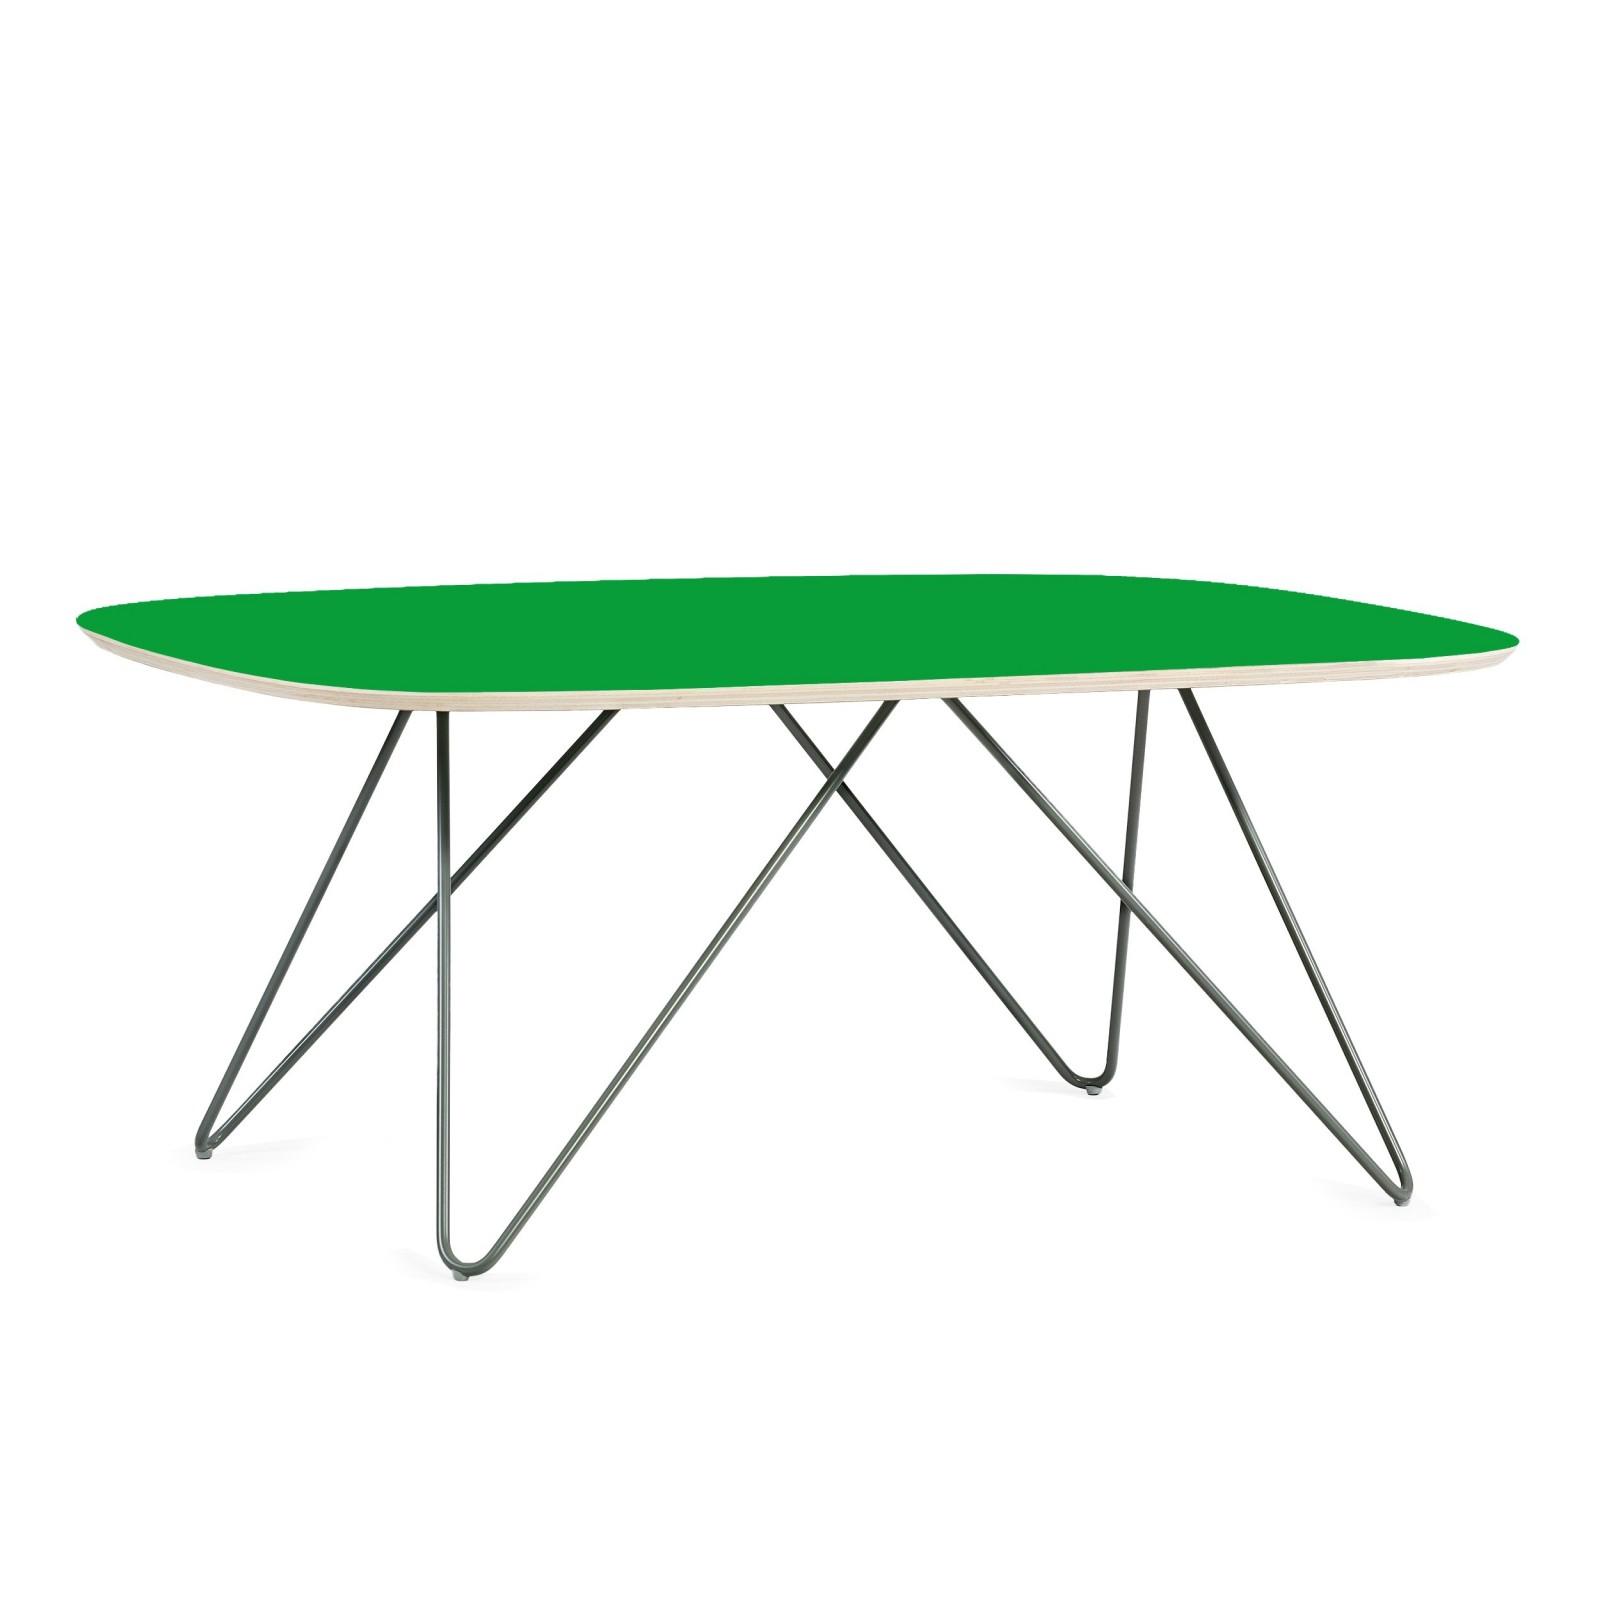 Stolik Zig-Zag DL - green